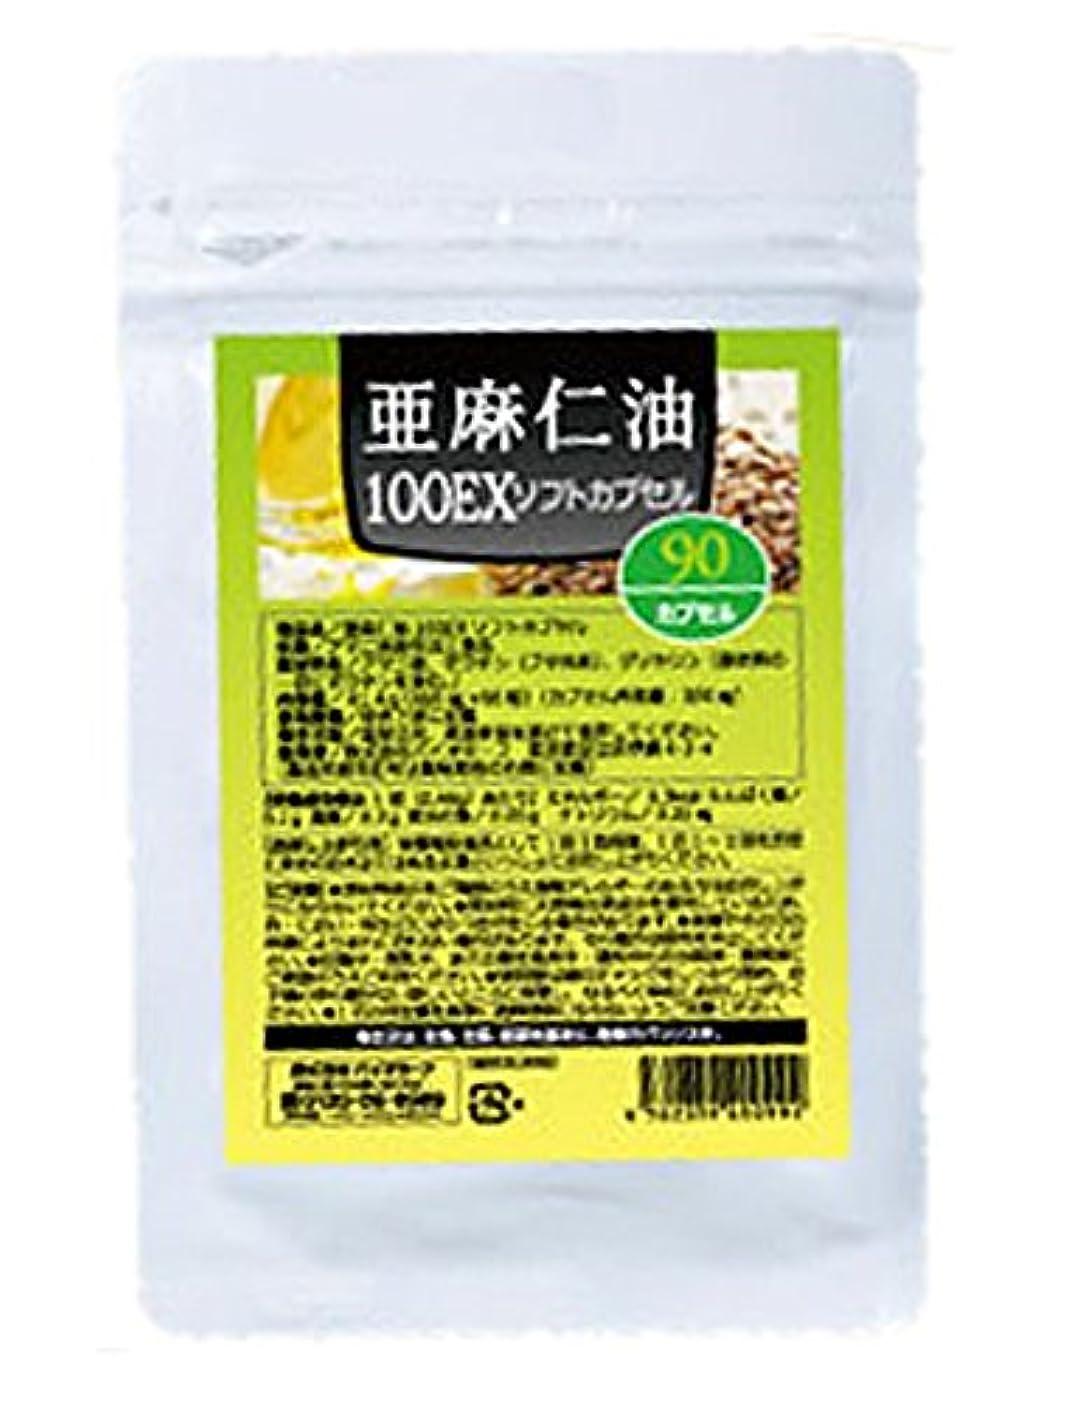 禁止するボウリングマラウイ亜麻仁油100EXソフトカプセル 90粒入